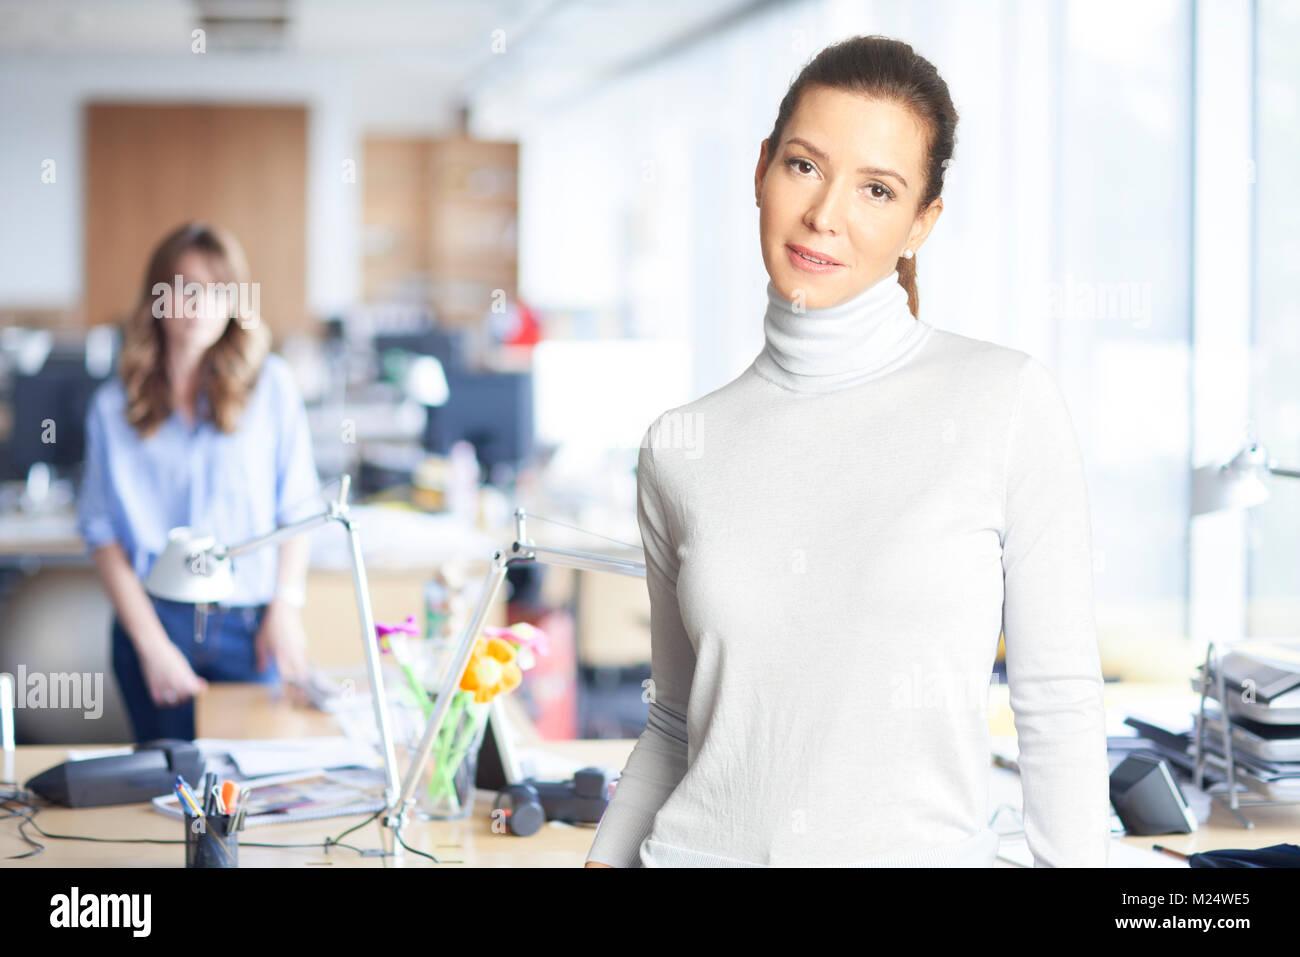 Smiling brunette Geschäftsfrau rollkragen pullover tragen, während Sie im Büro stehen und von der Stockbild